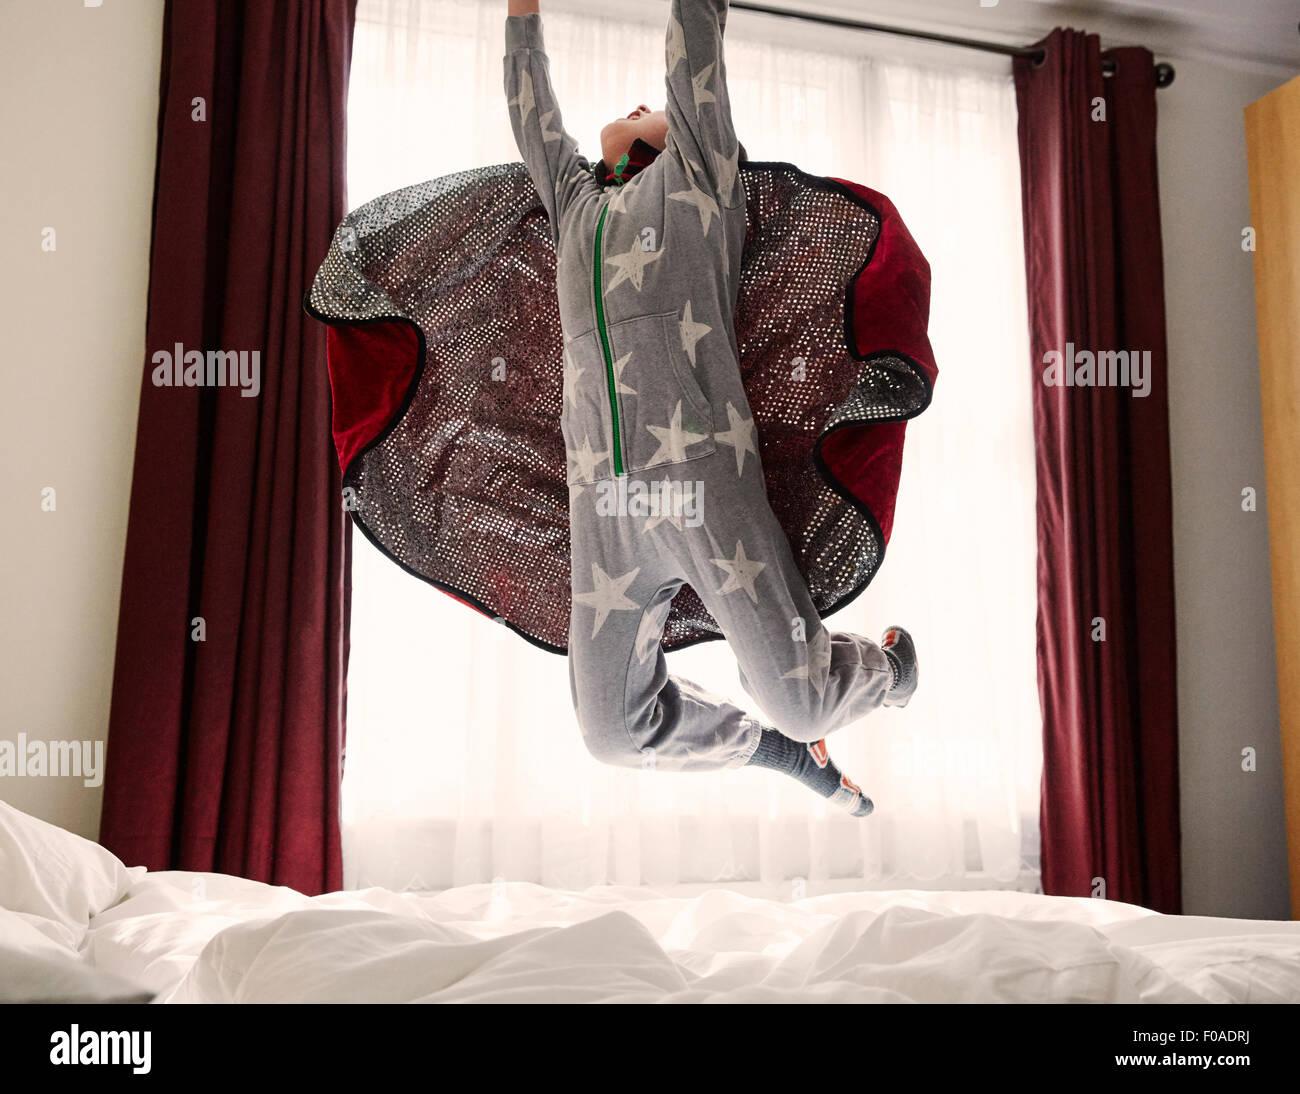 Joven llevando cabo saltar en la cama Foto de stock